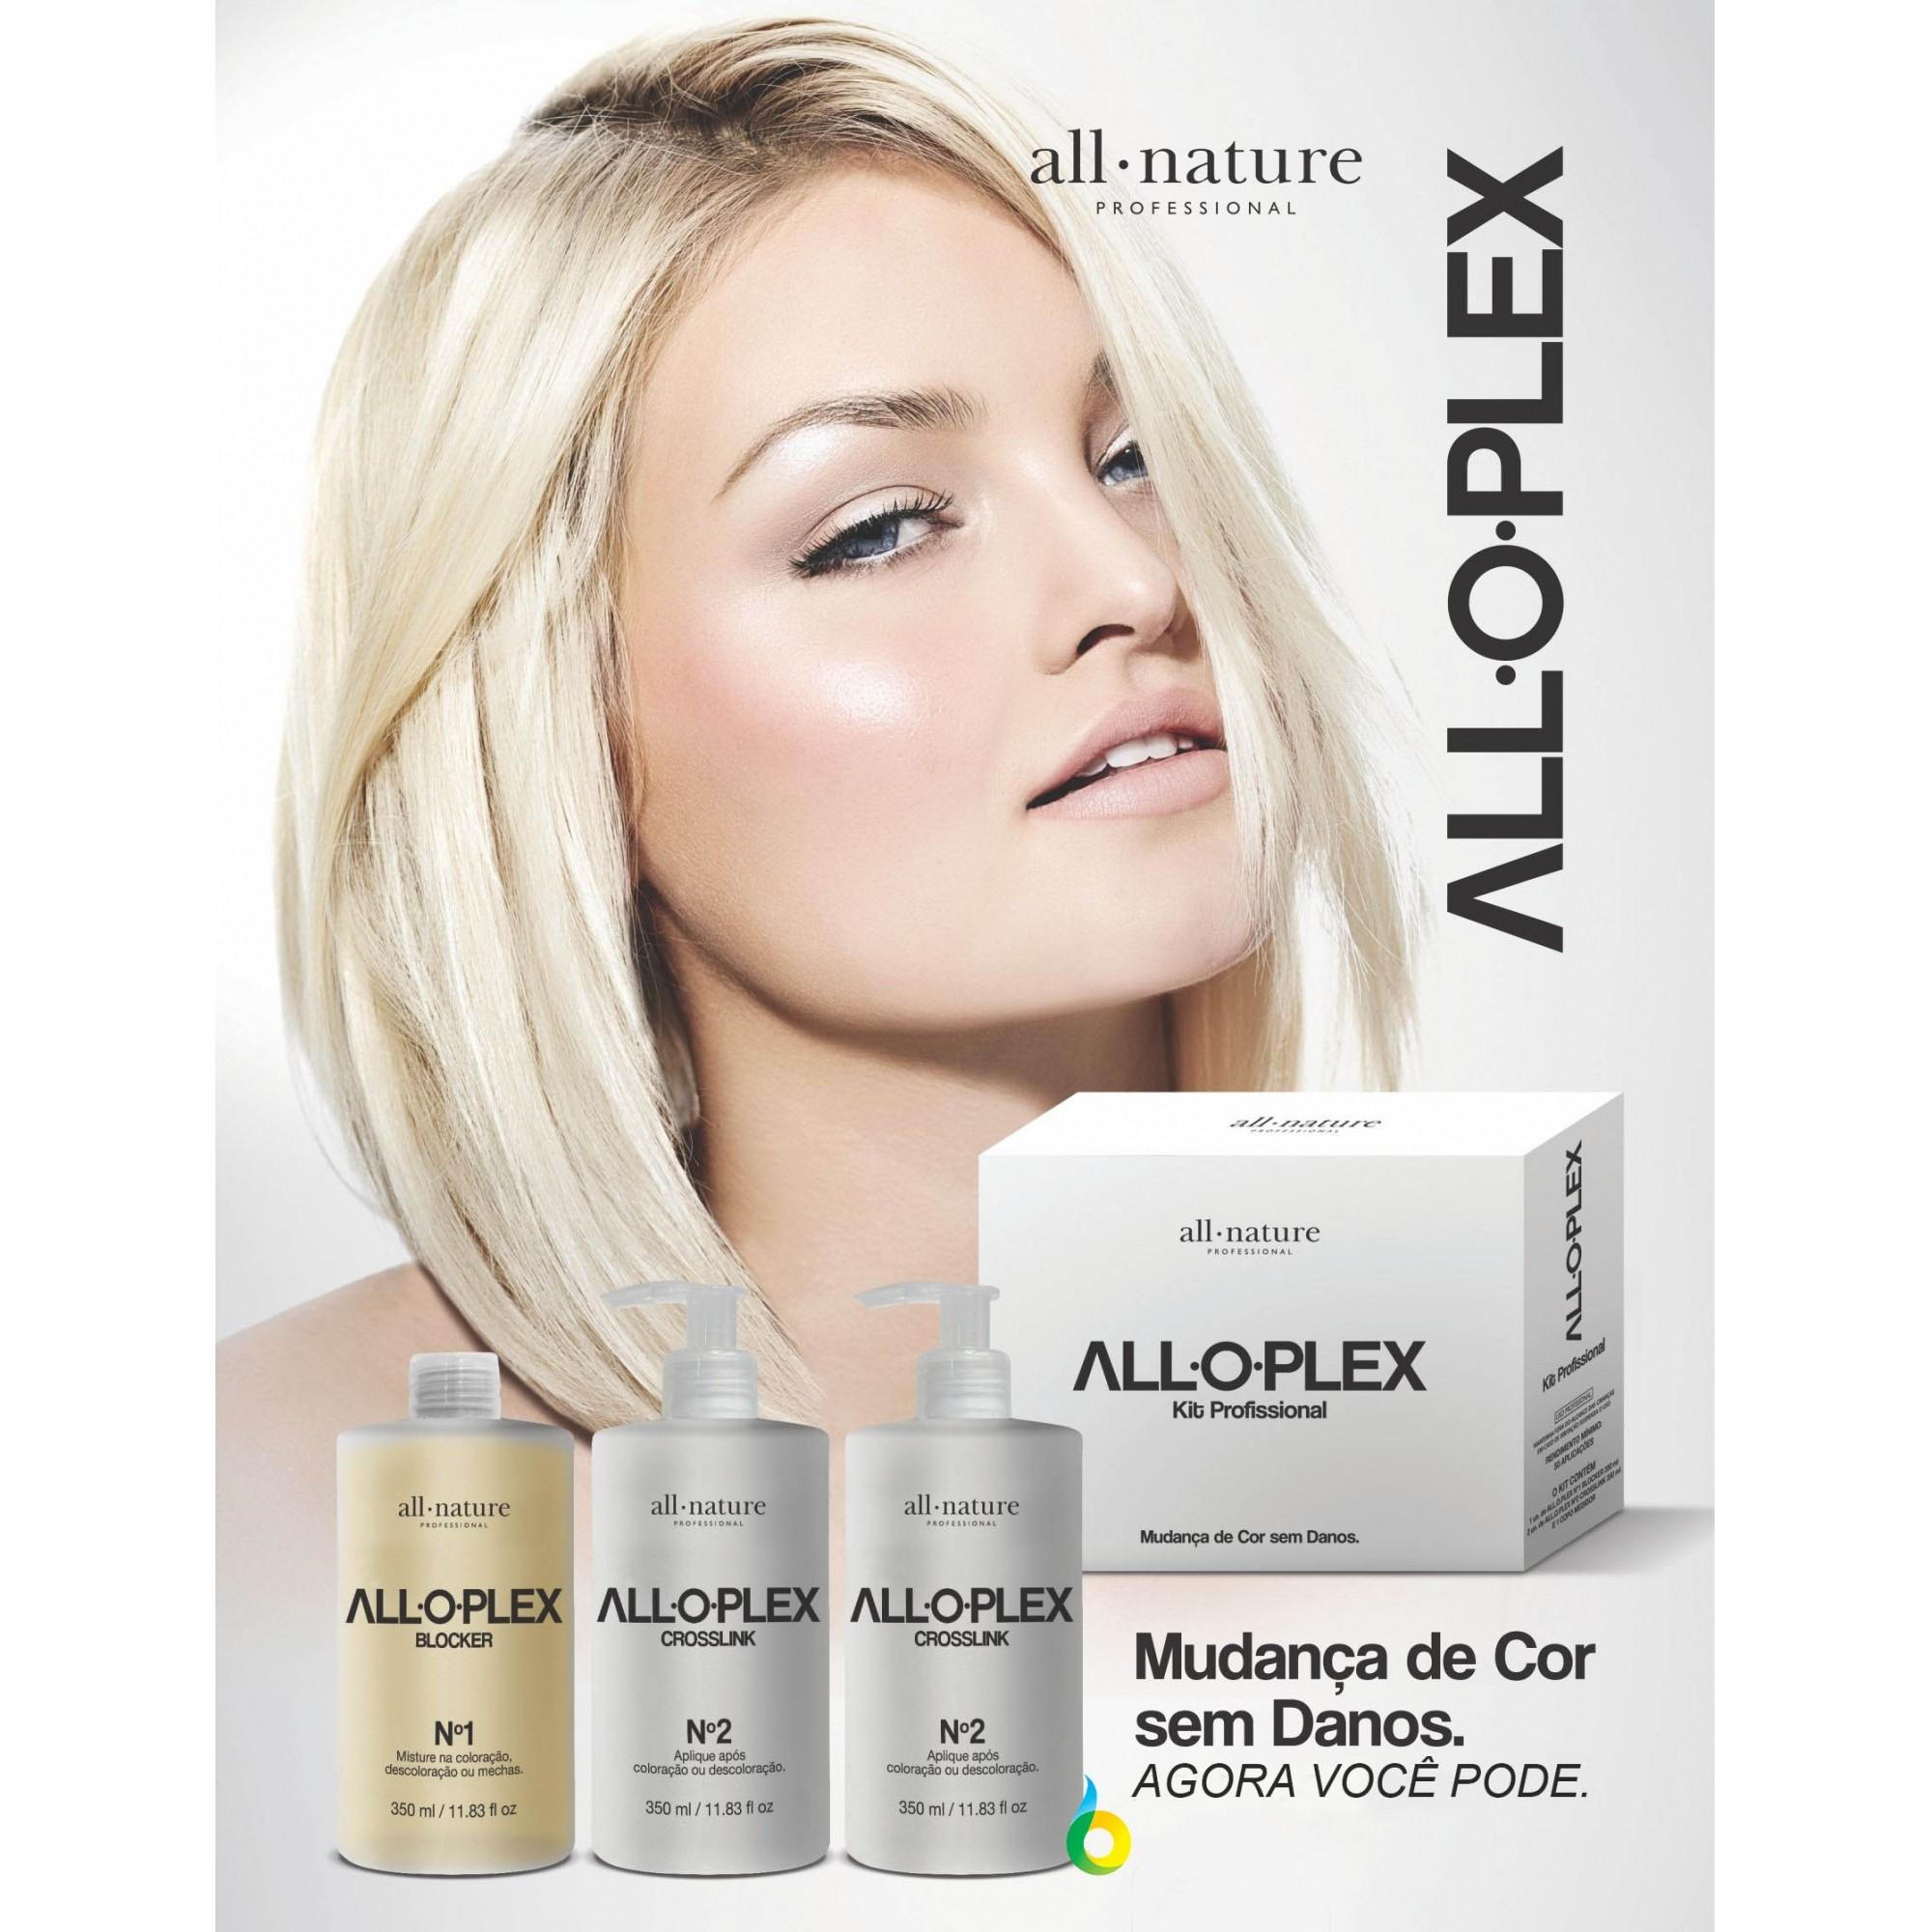 Alloplex Blocker Bloqueador de Danos Nas Descolorações Mechas, Luzes, Colorações e Demais Químicas - All Nature